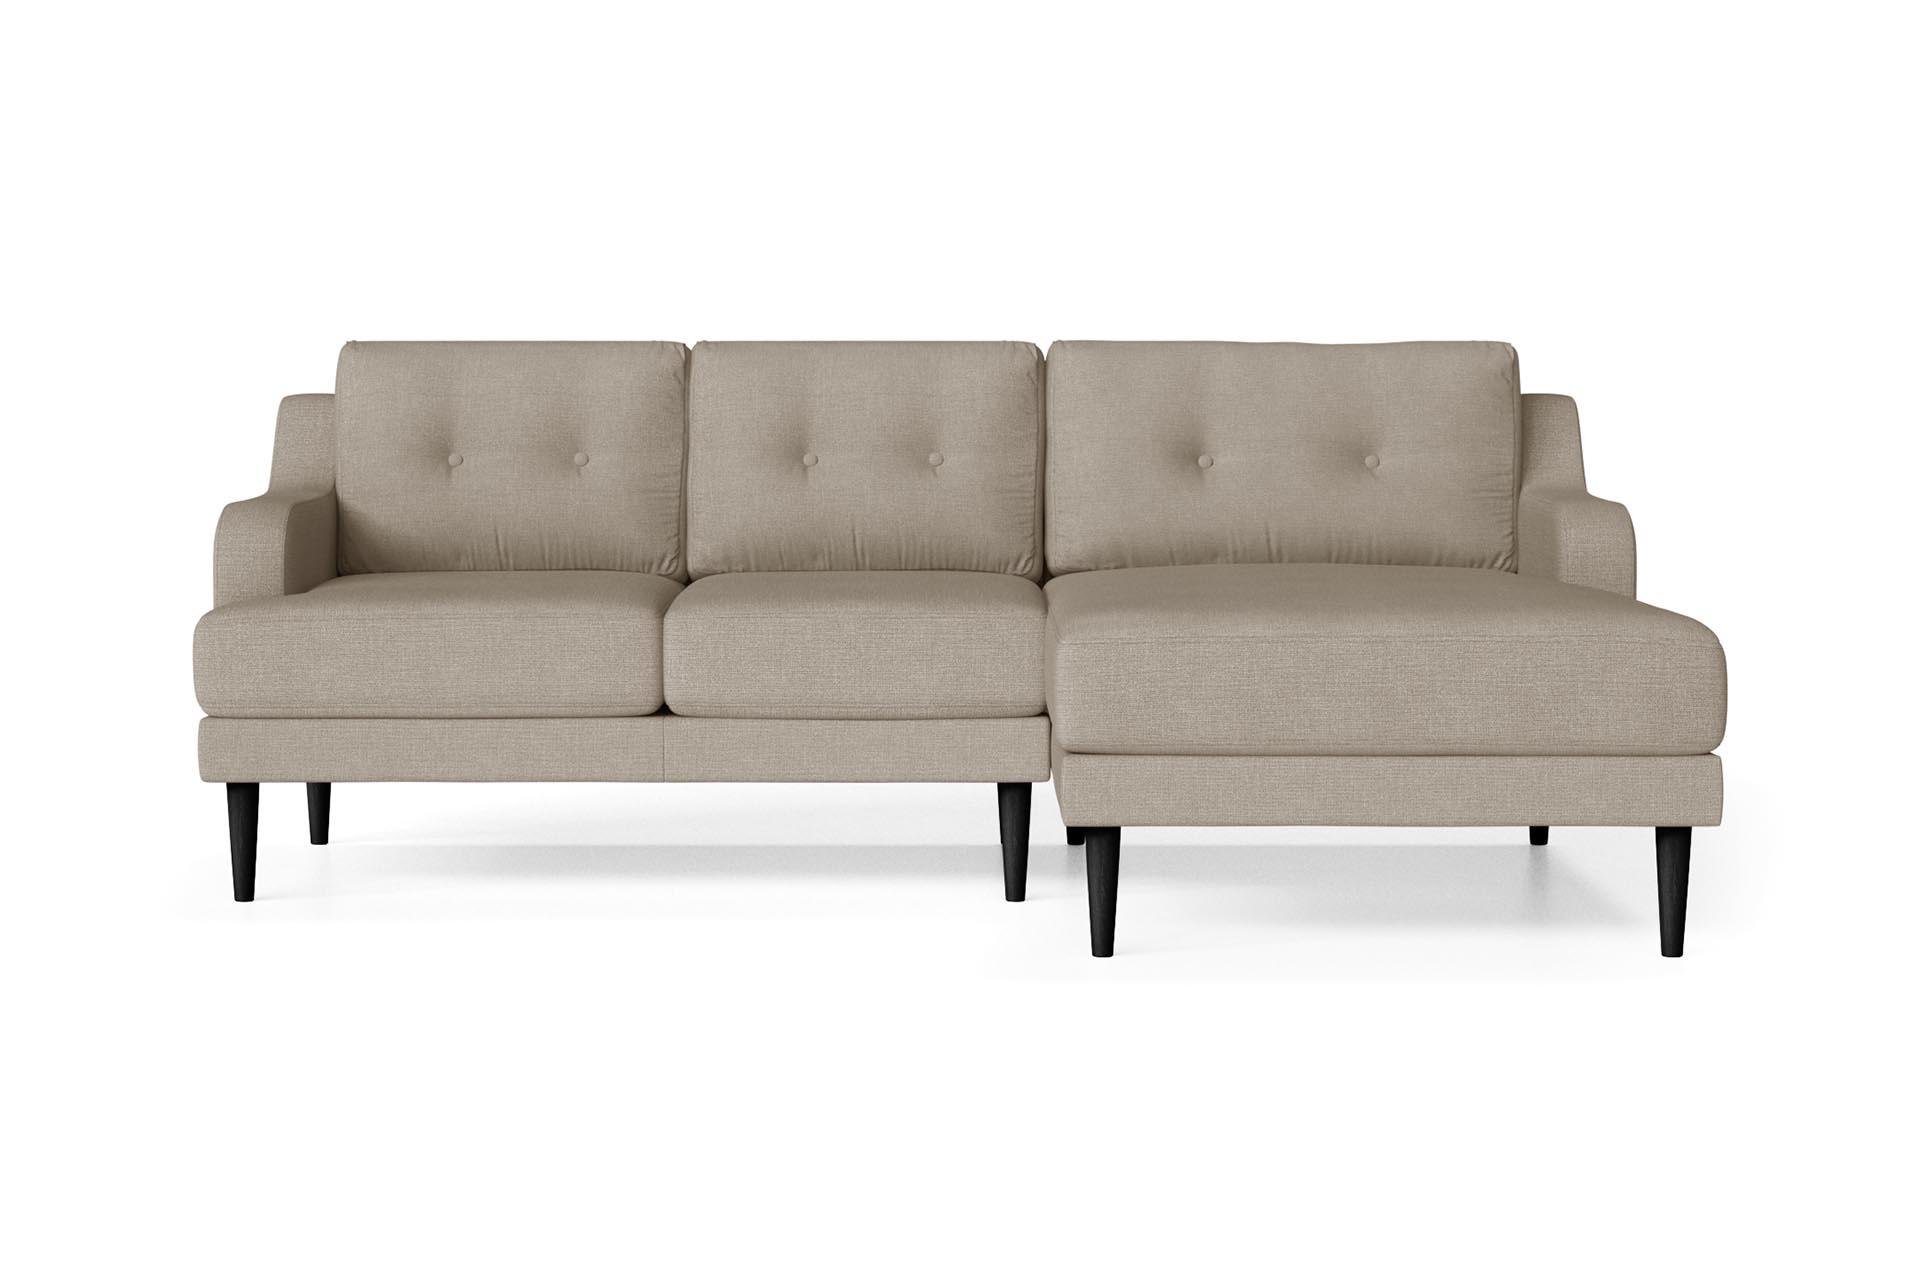 Canapé d'angle droit 4 places toucher lin taupe